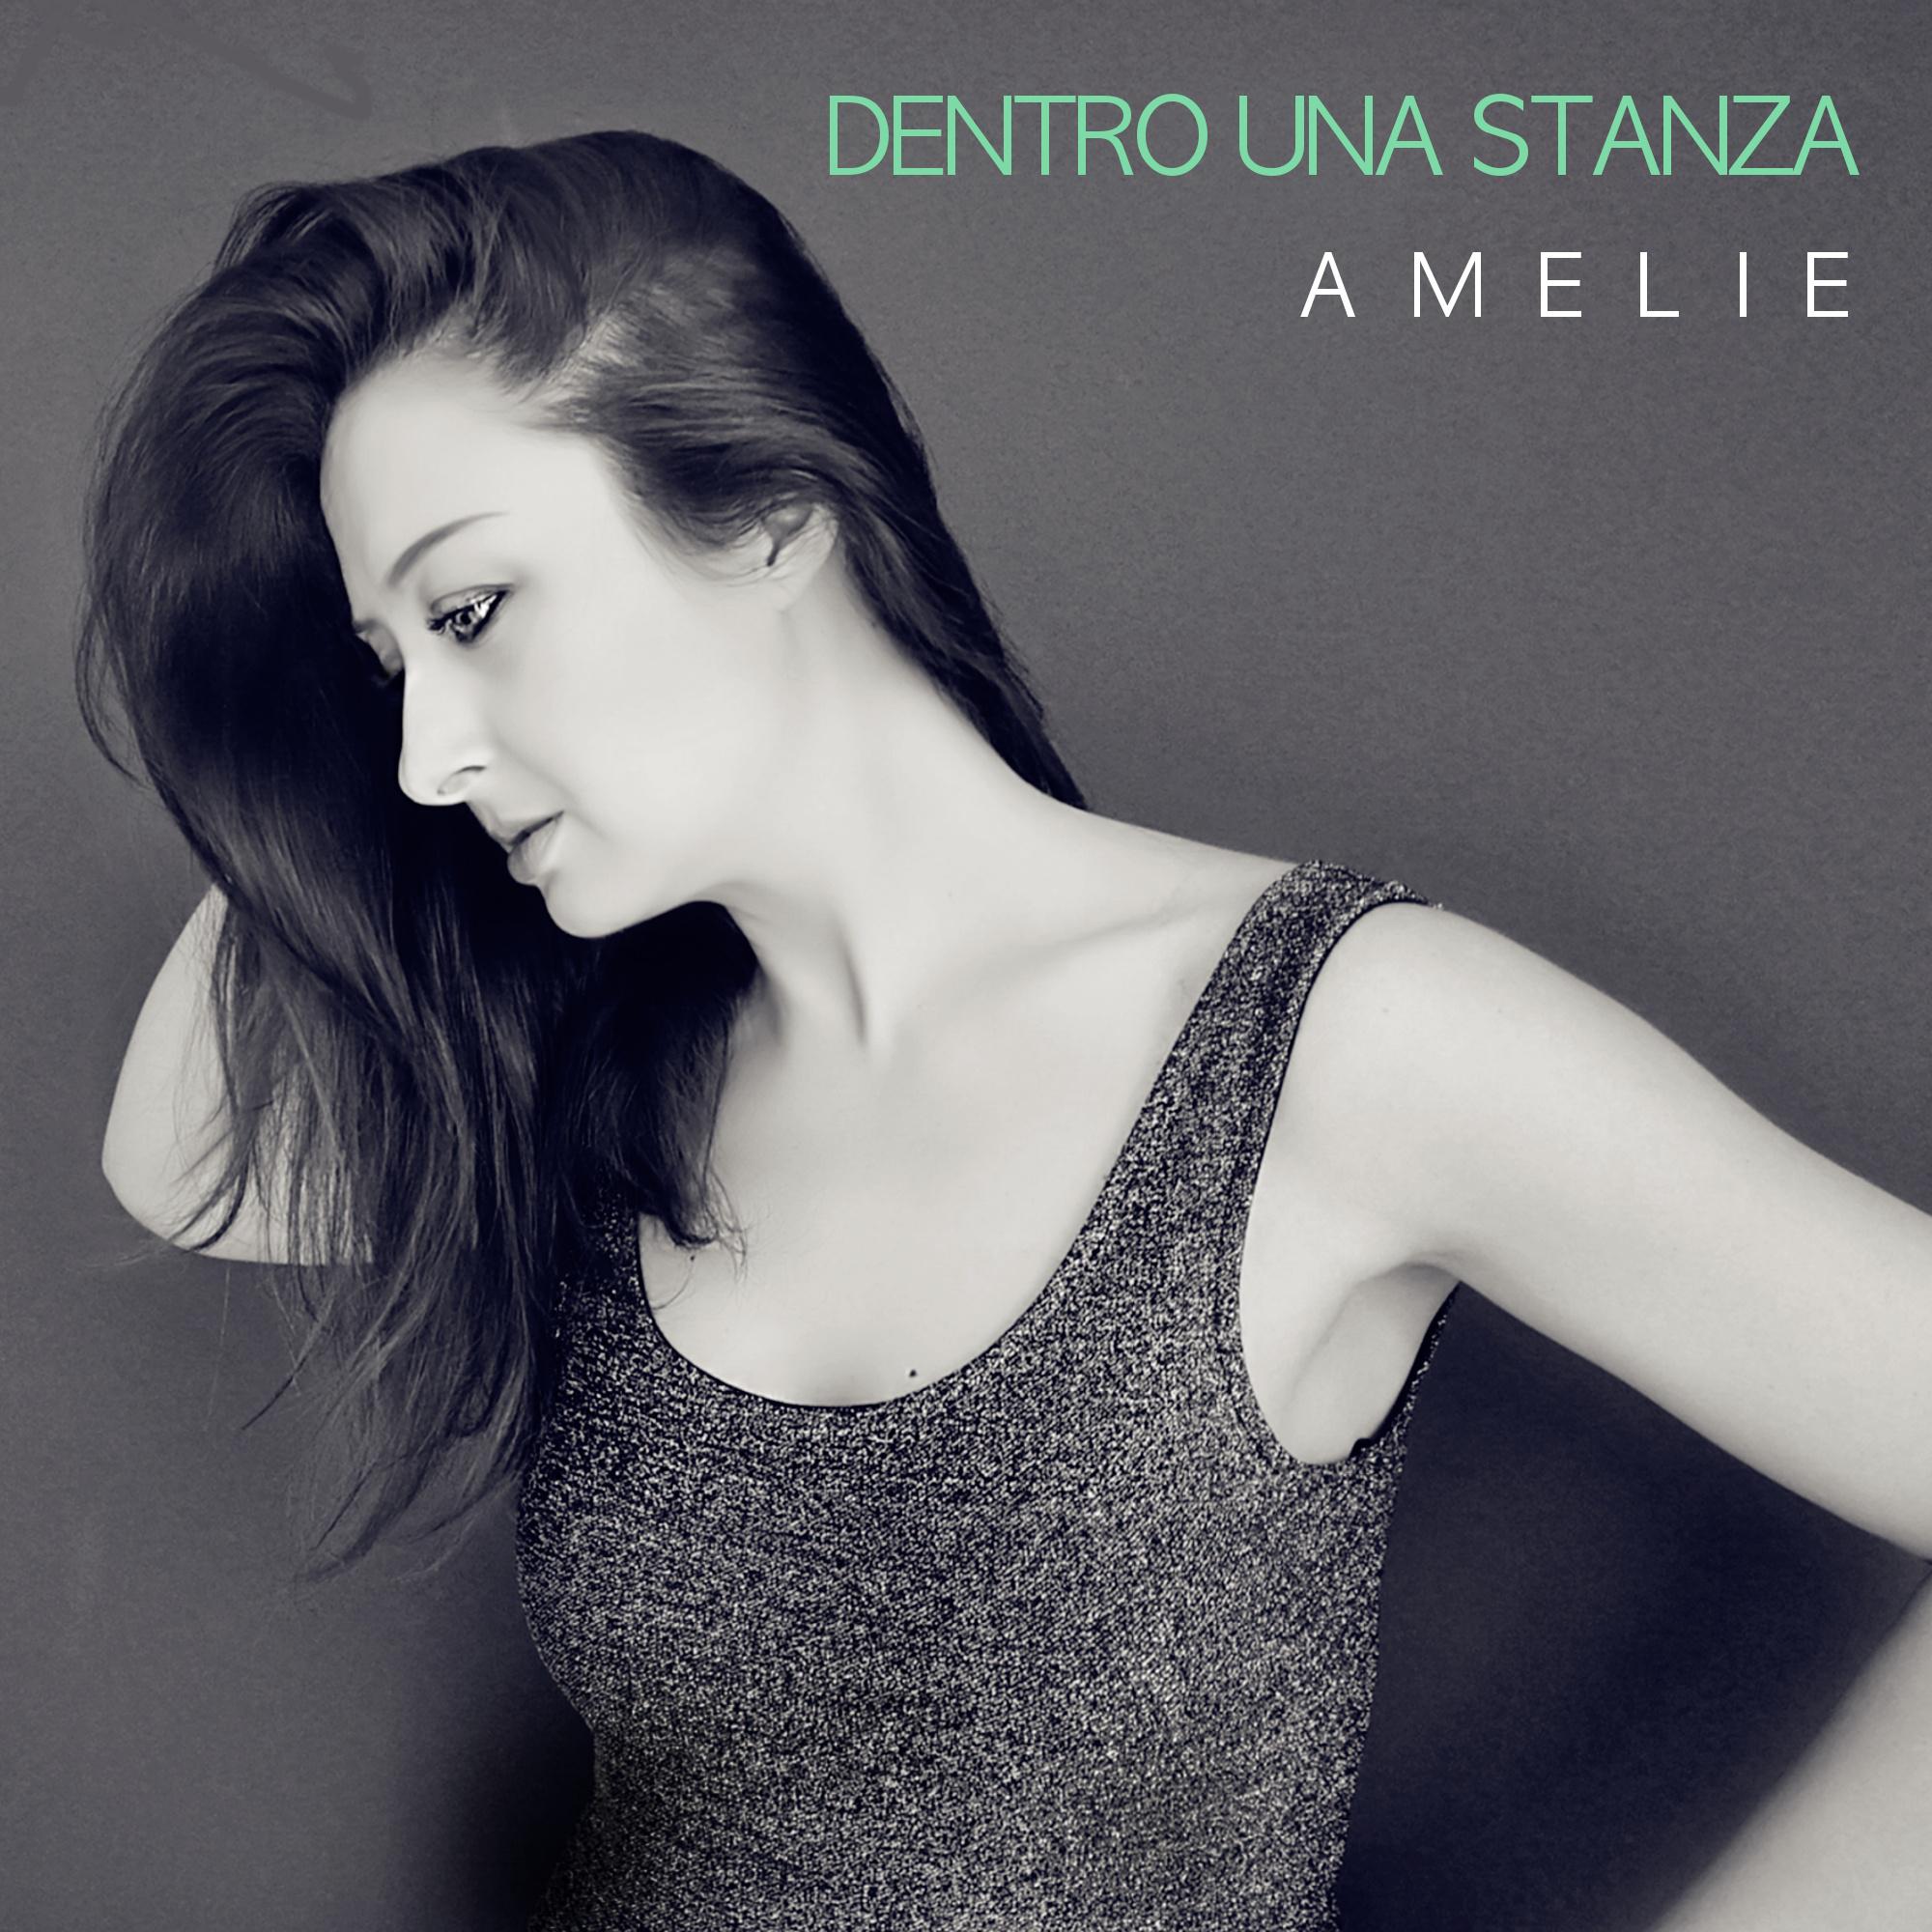 """Radio Tour per Amelie con """"Dentro una stanza"""""""